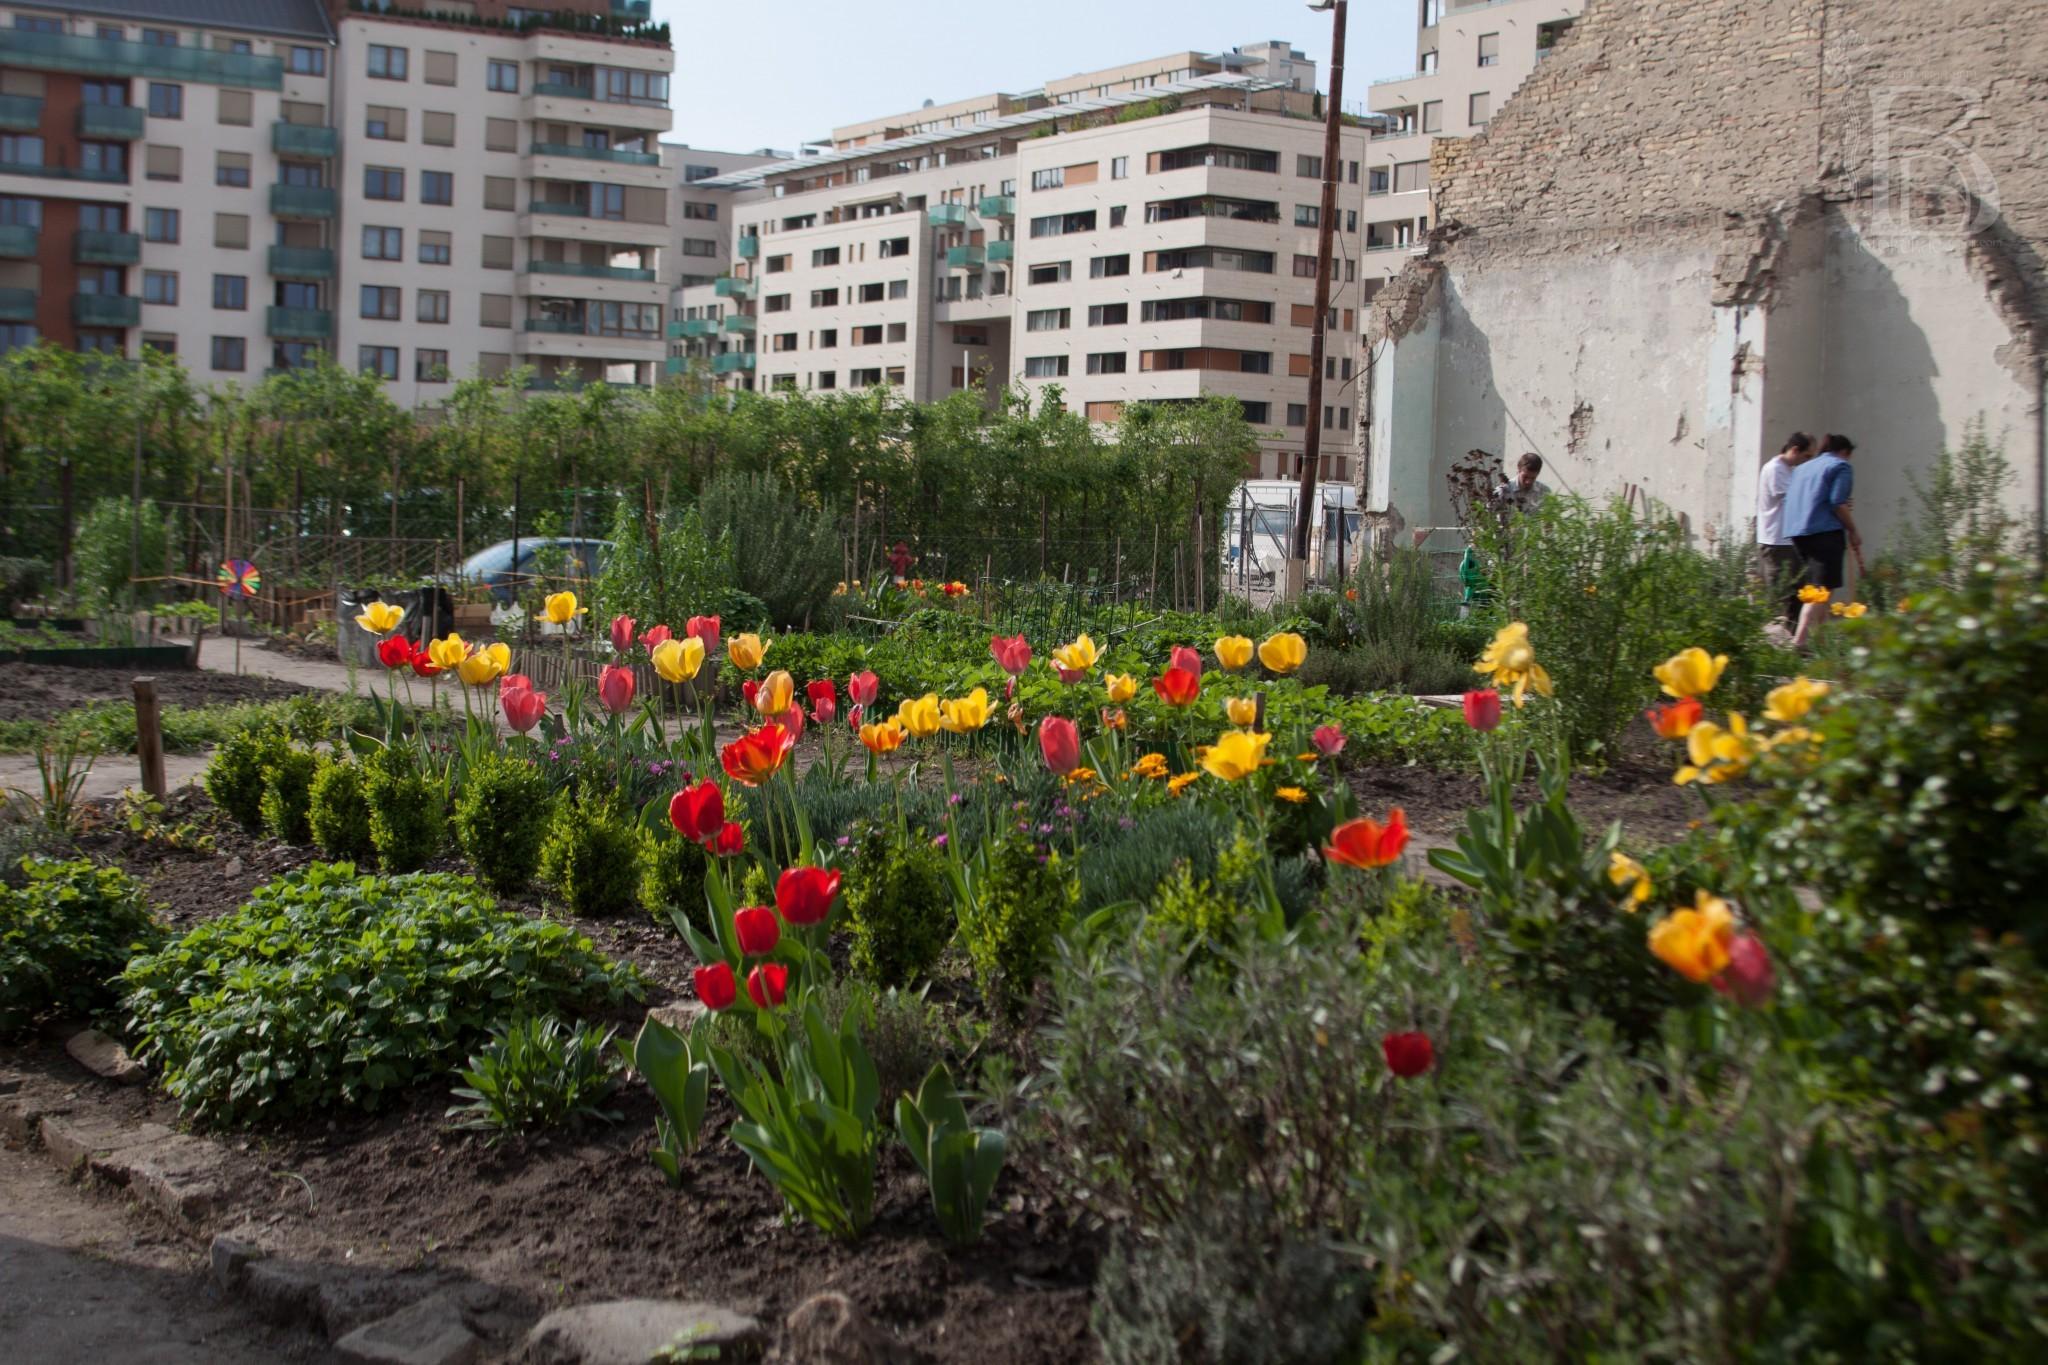 Kert a városban – közösségi élmény és saját zöldség